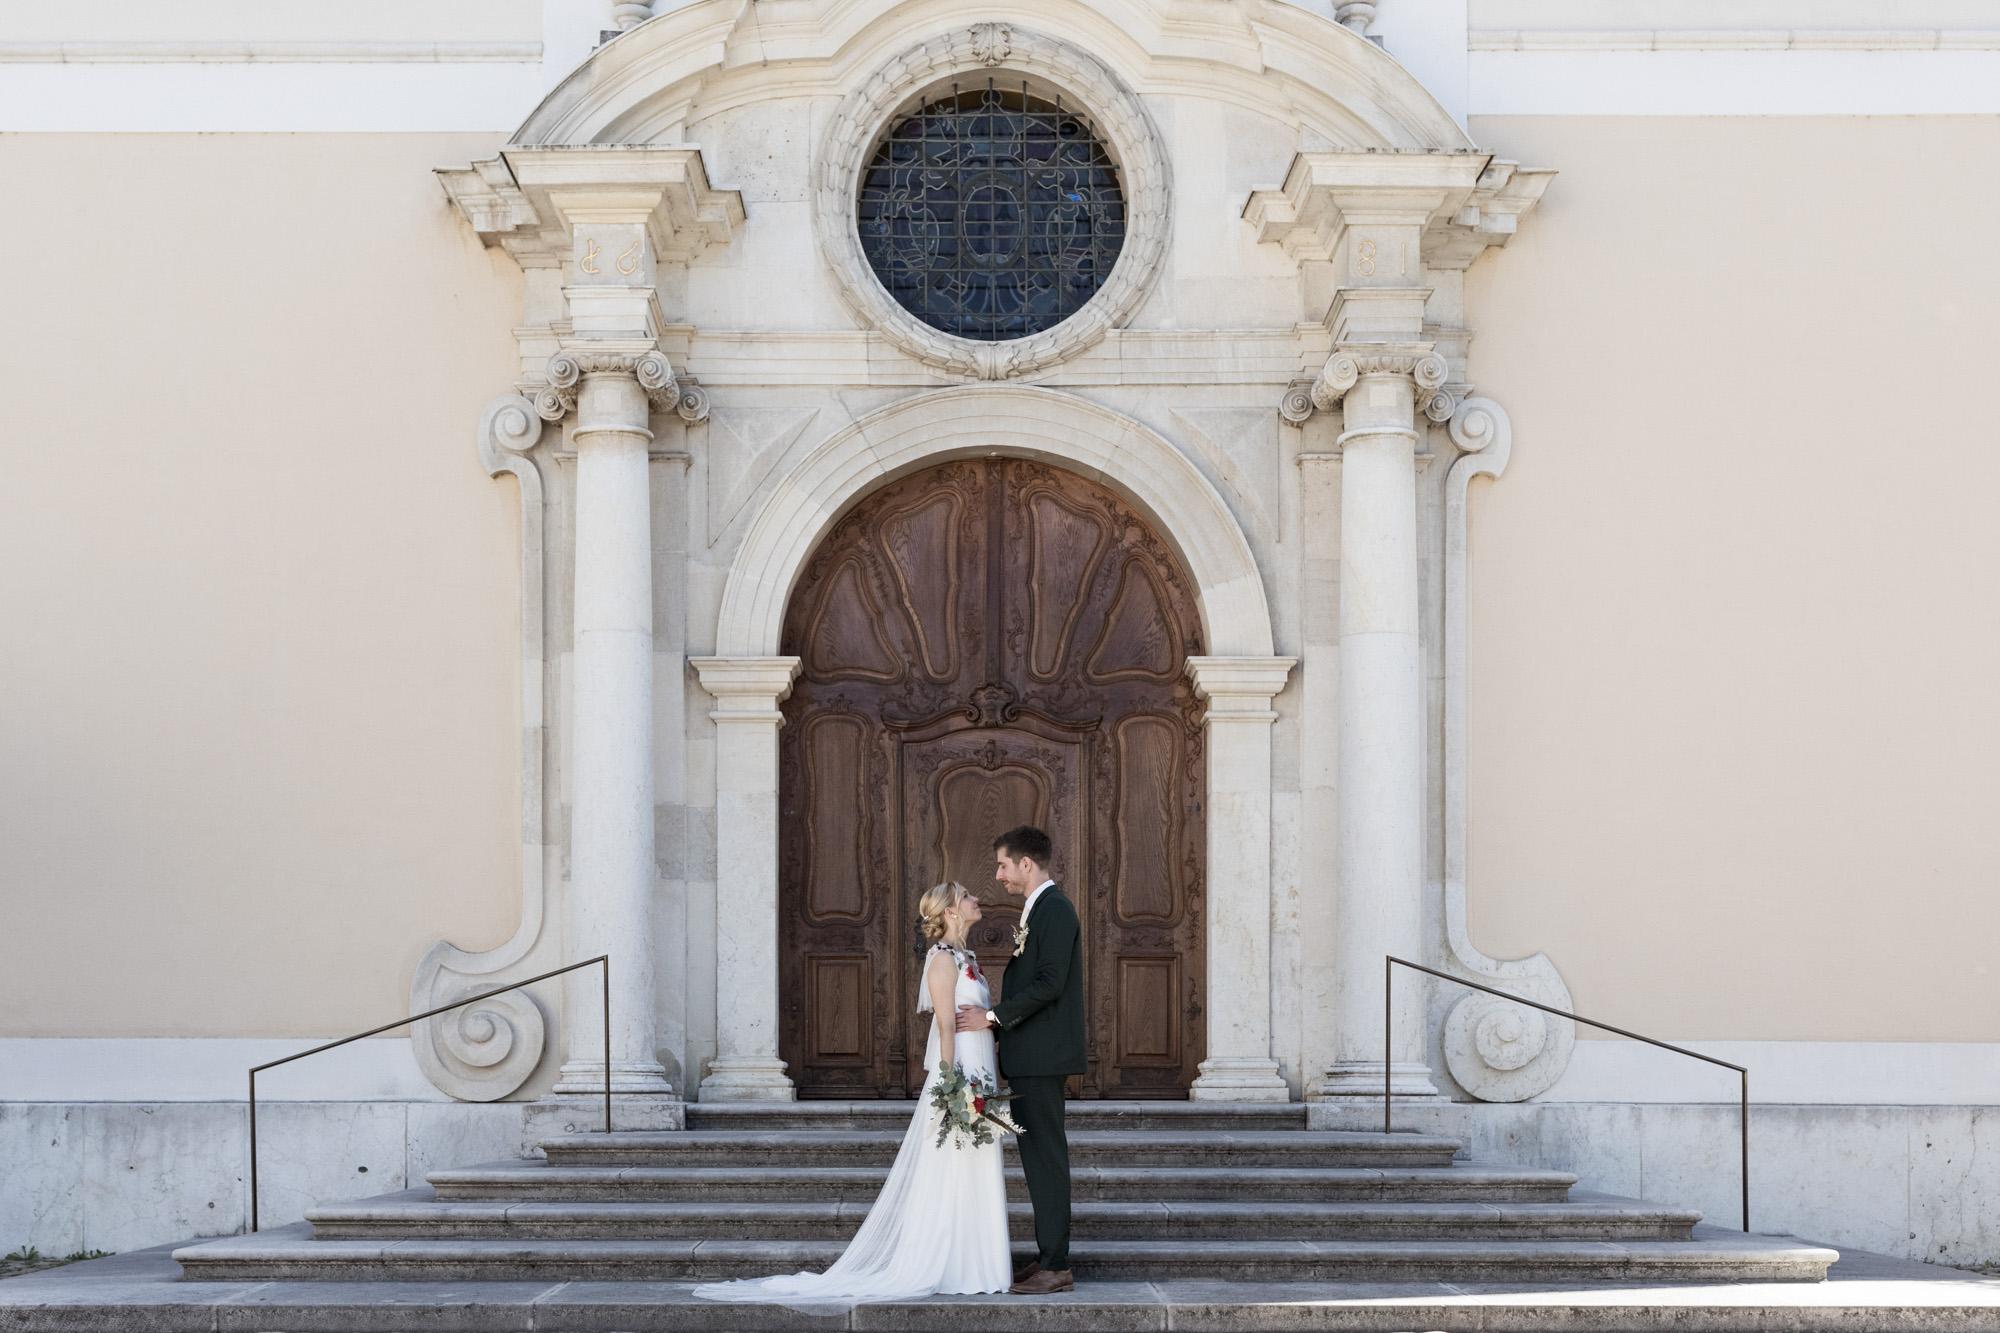 Hochzeit im Turbinenhaus Basel - Zivile Trauung in Arlesheim - Brautpaar beim Fotoshooting - Hochzeitsfotograf Basel